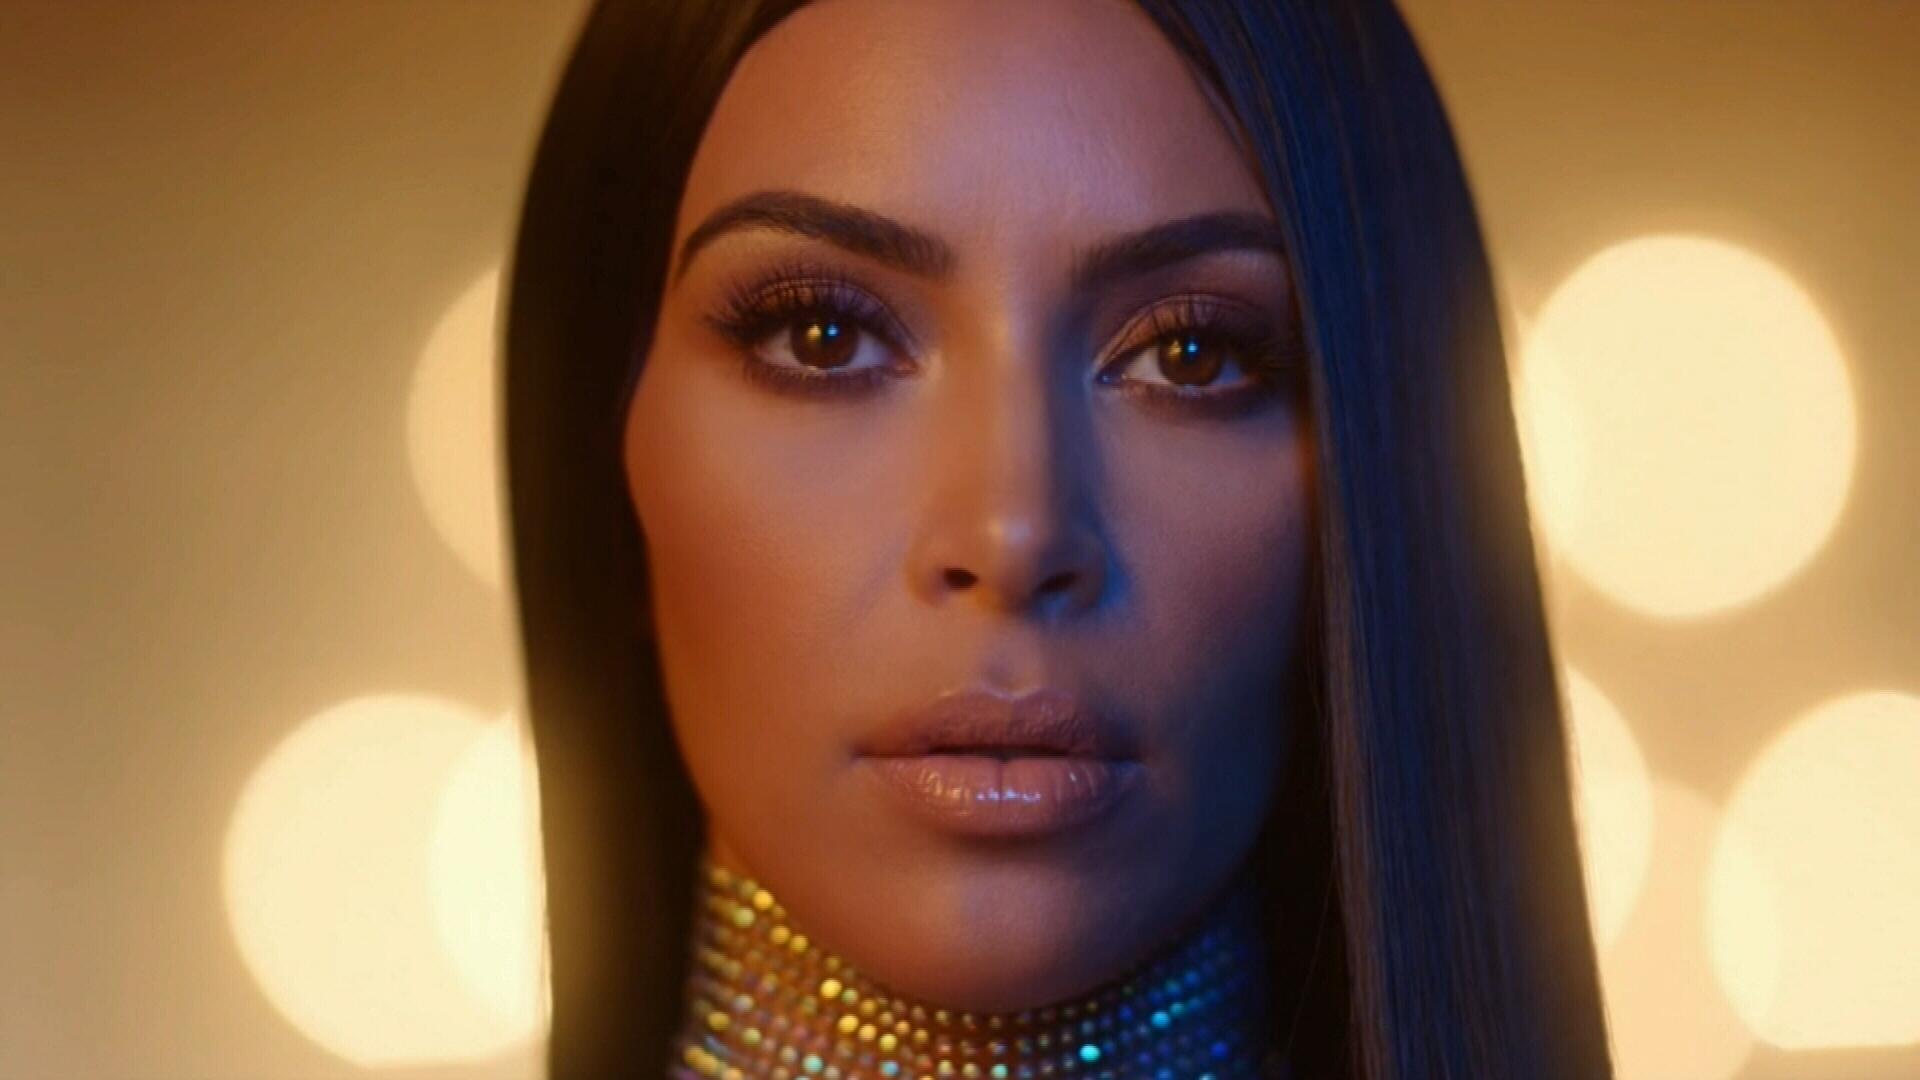 Kim Kardashian's bold new move